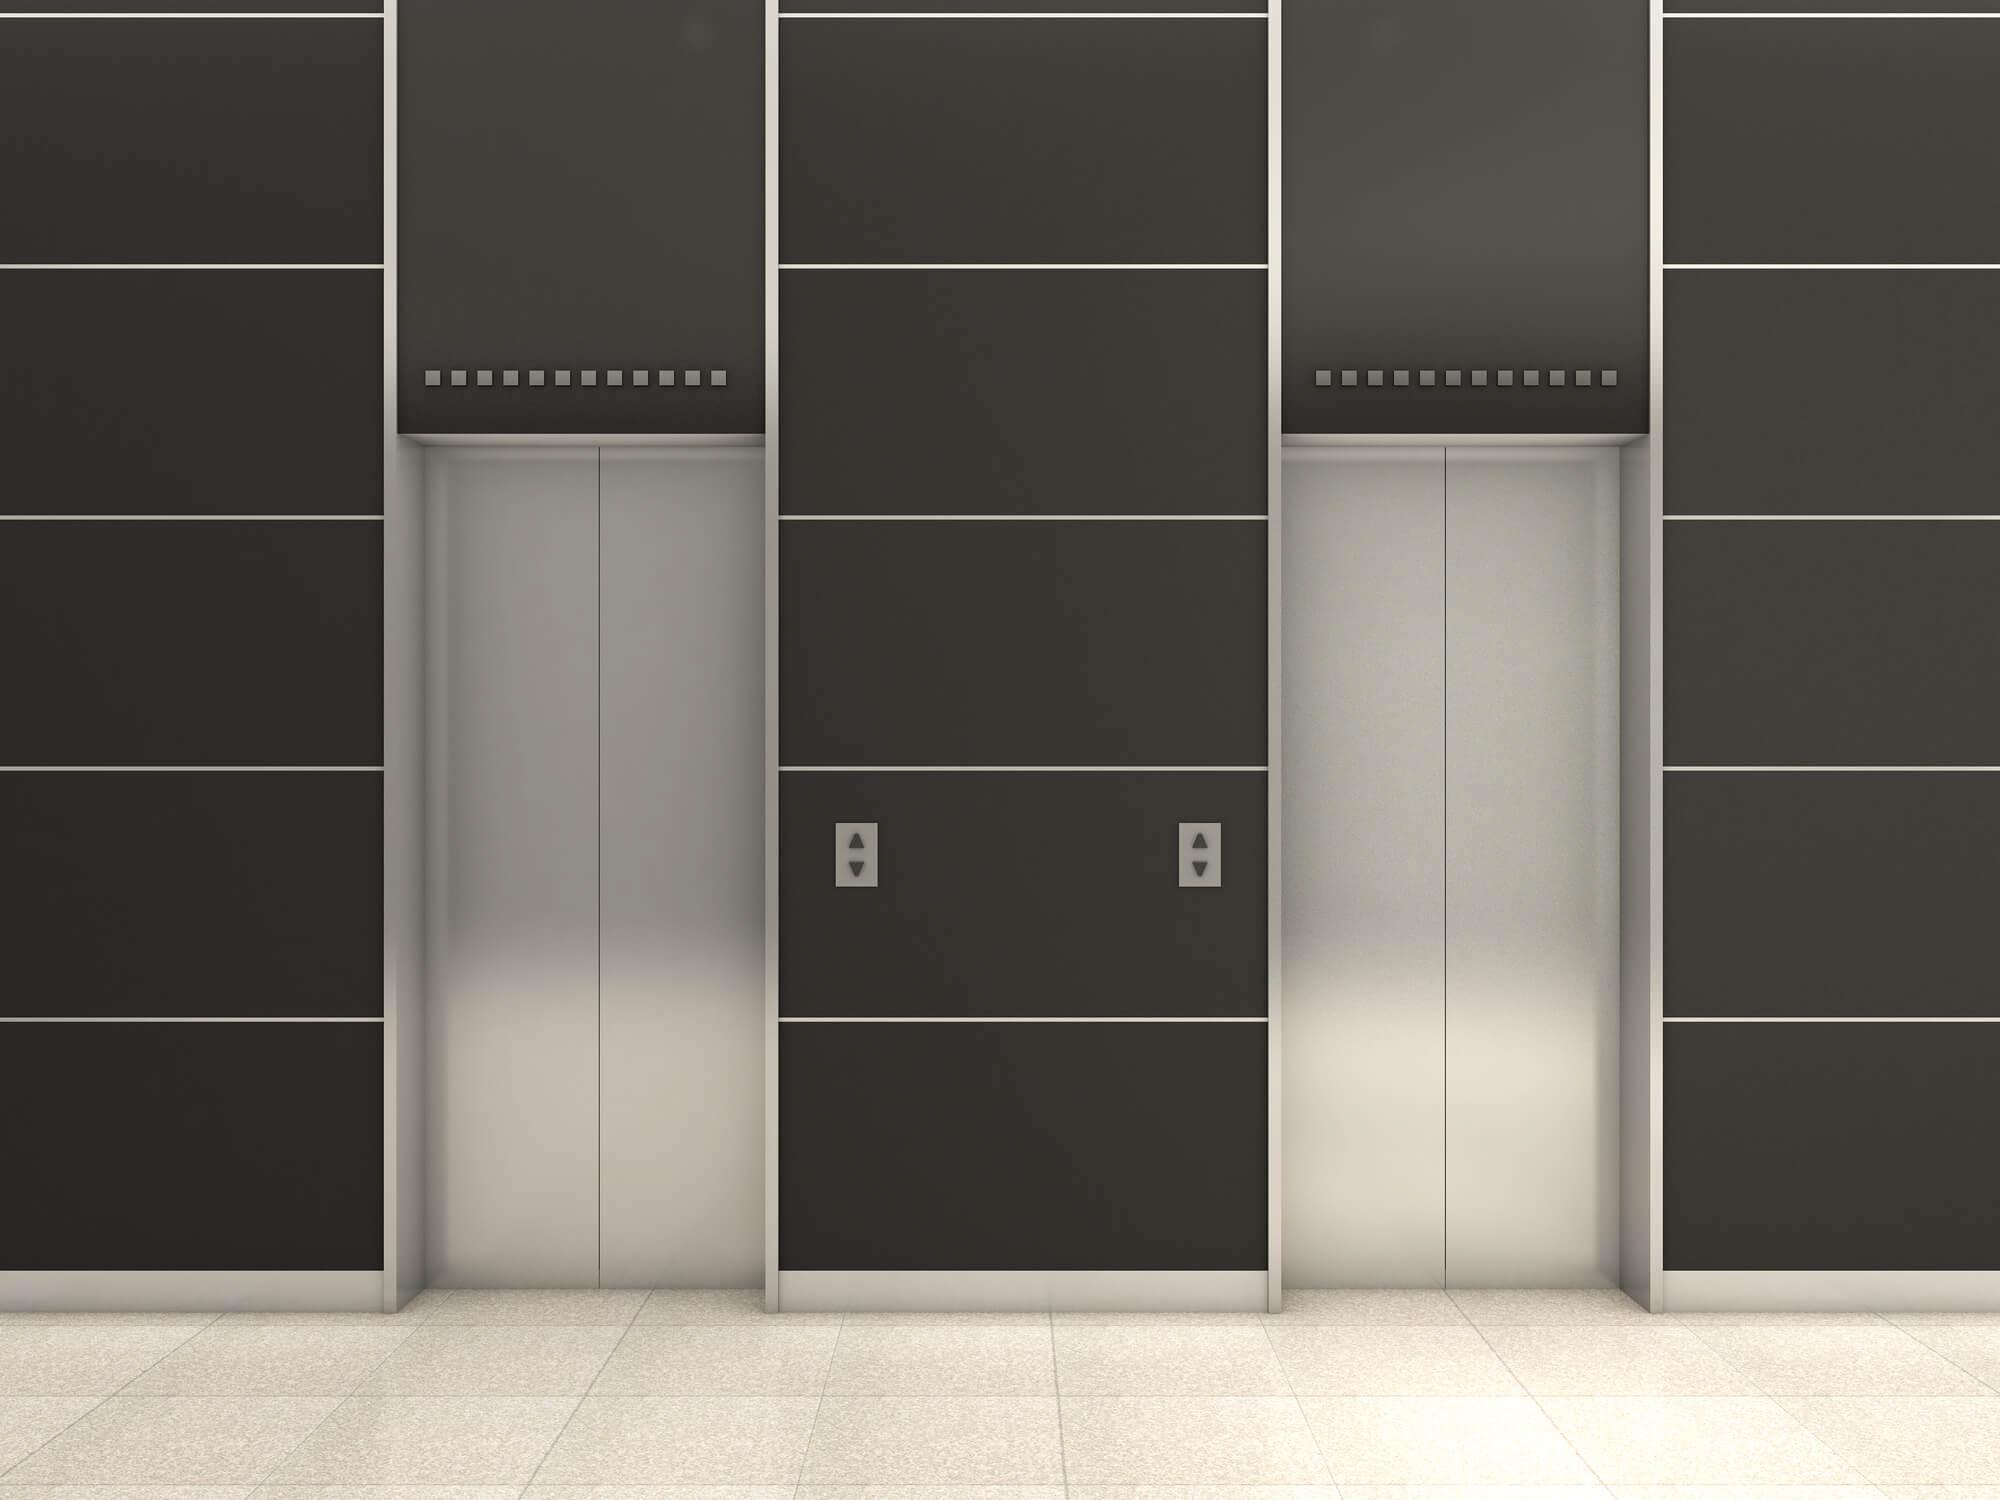 エレベーターの夢